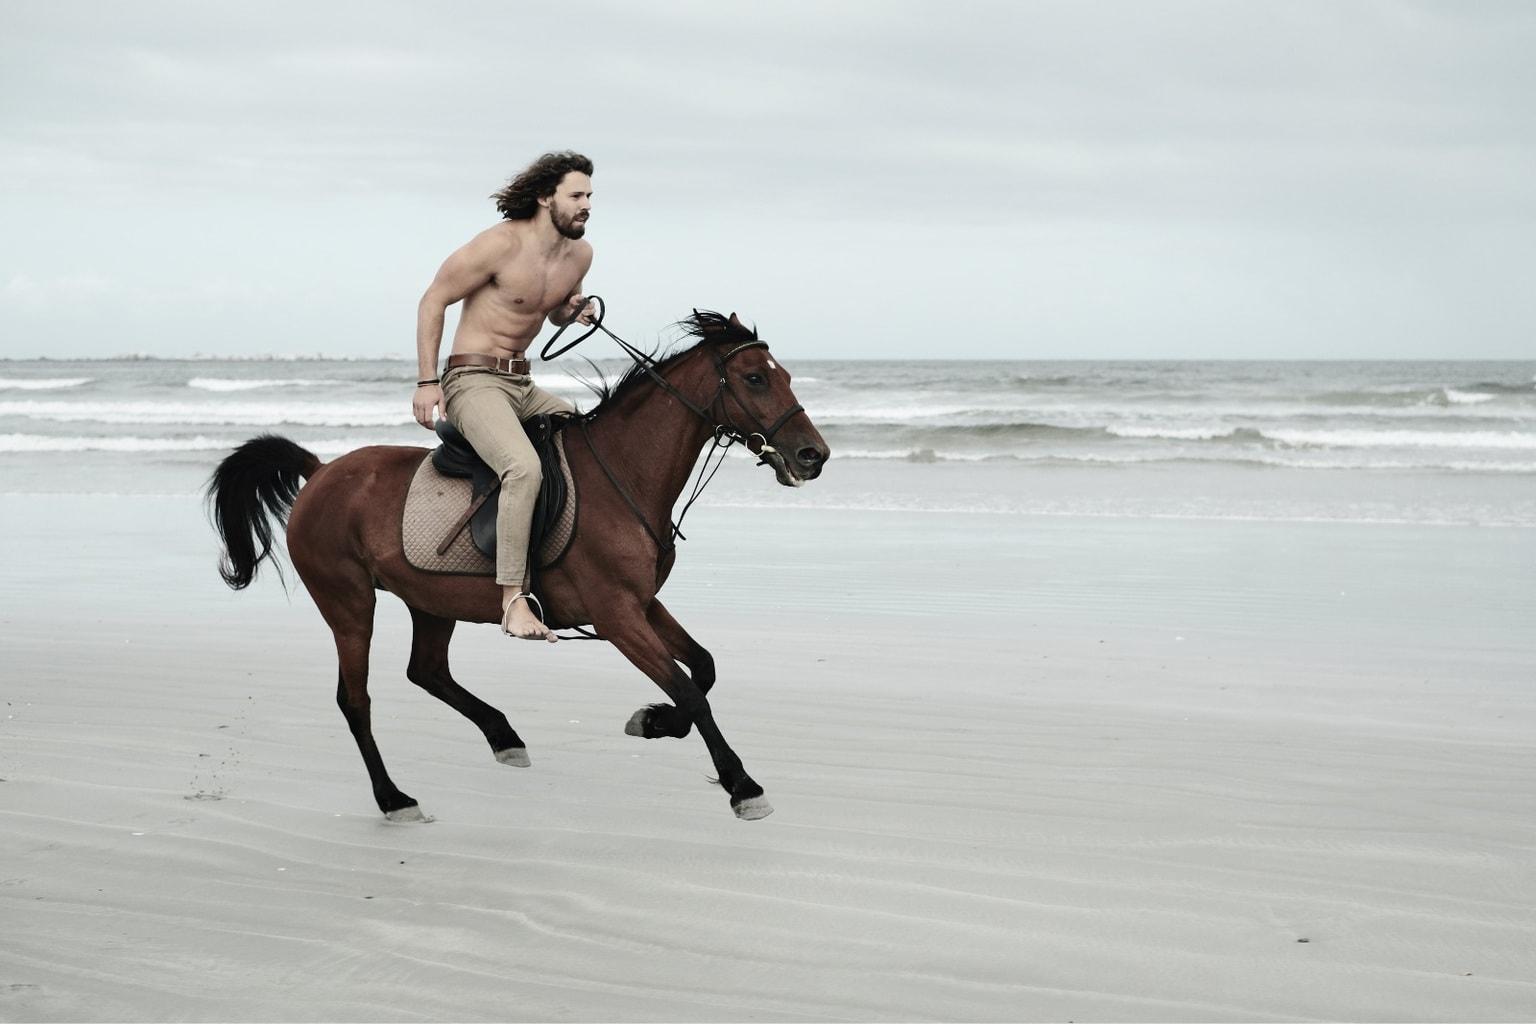 Hombre a caballo en la playa capturado por una Fujifilm X-T4